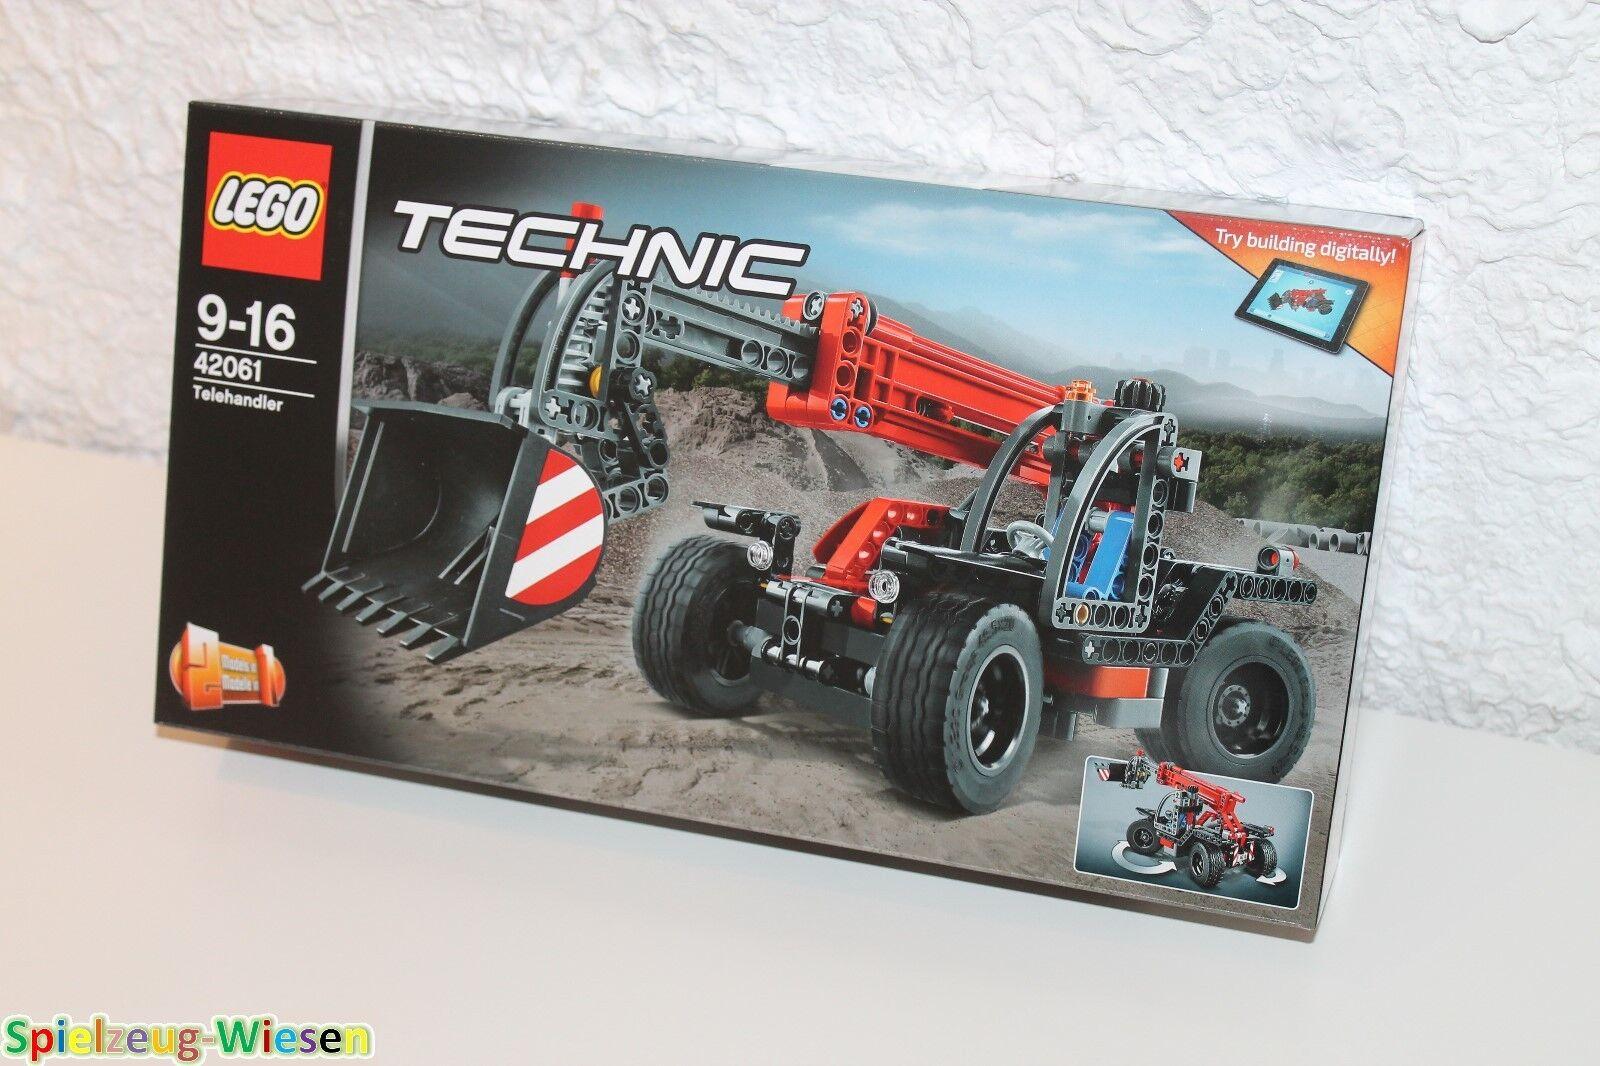 Lego ® Technic 42061 télescopique chargeur-NEUF & neuf dans sa boîte -